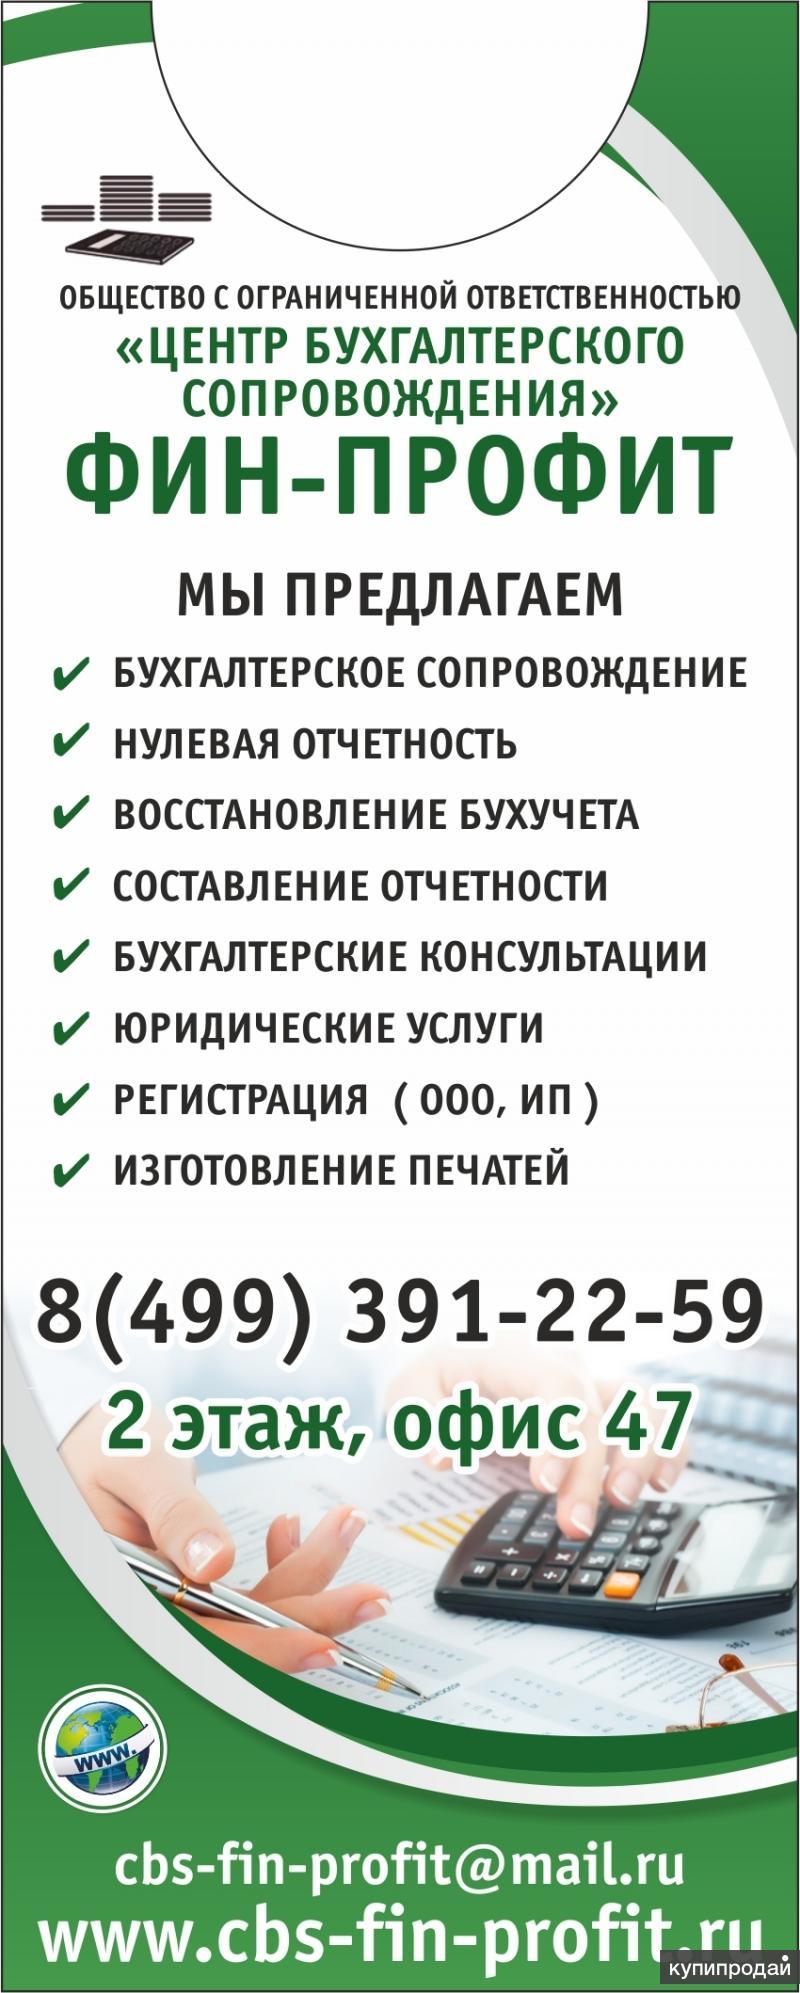 Объявление бухгалтерские услуги москва транспортные услуги проводки по бухгалтерскому учету